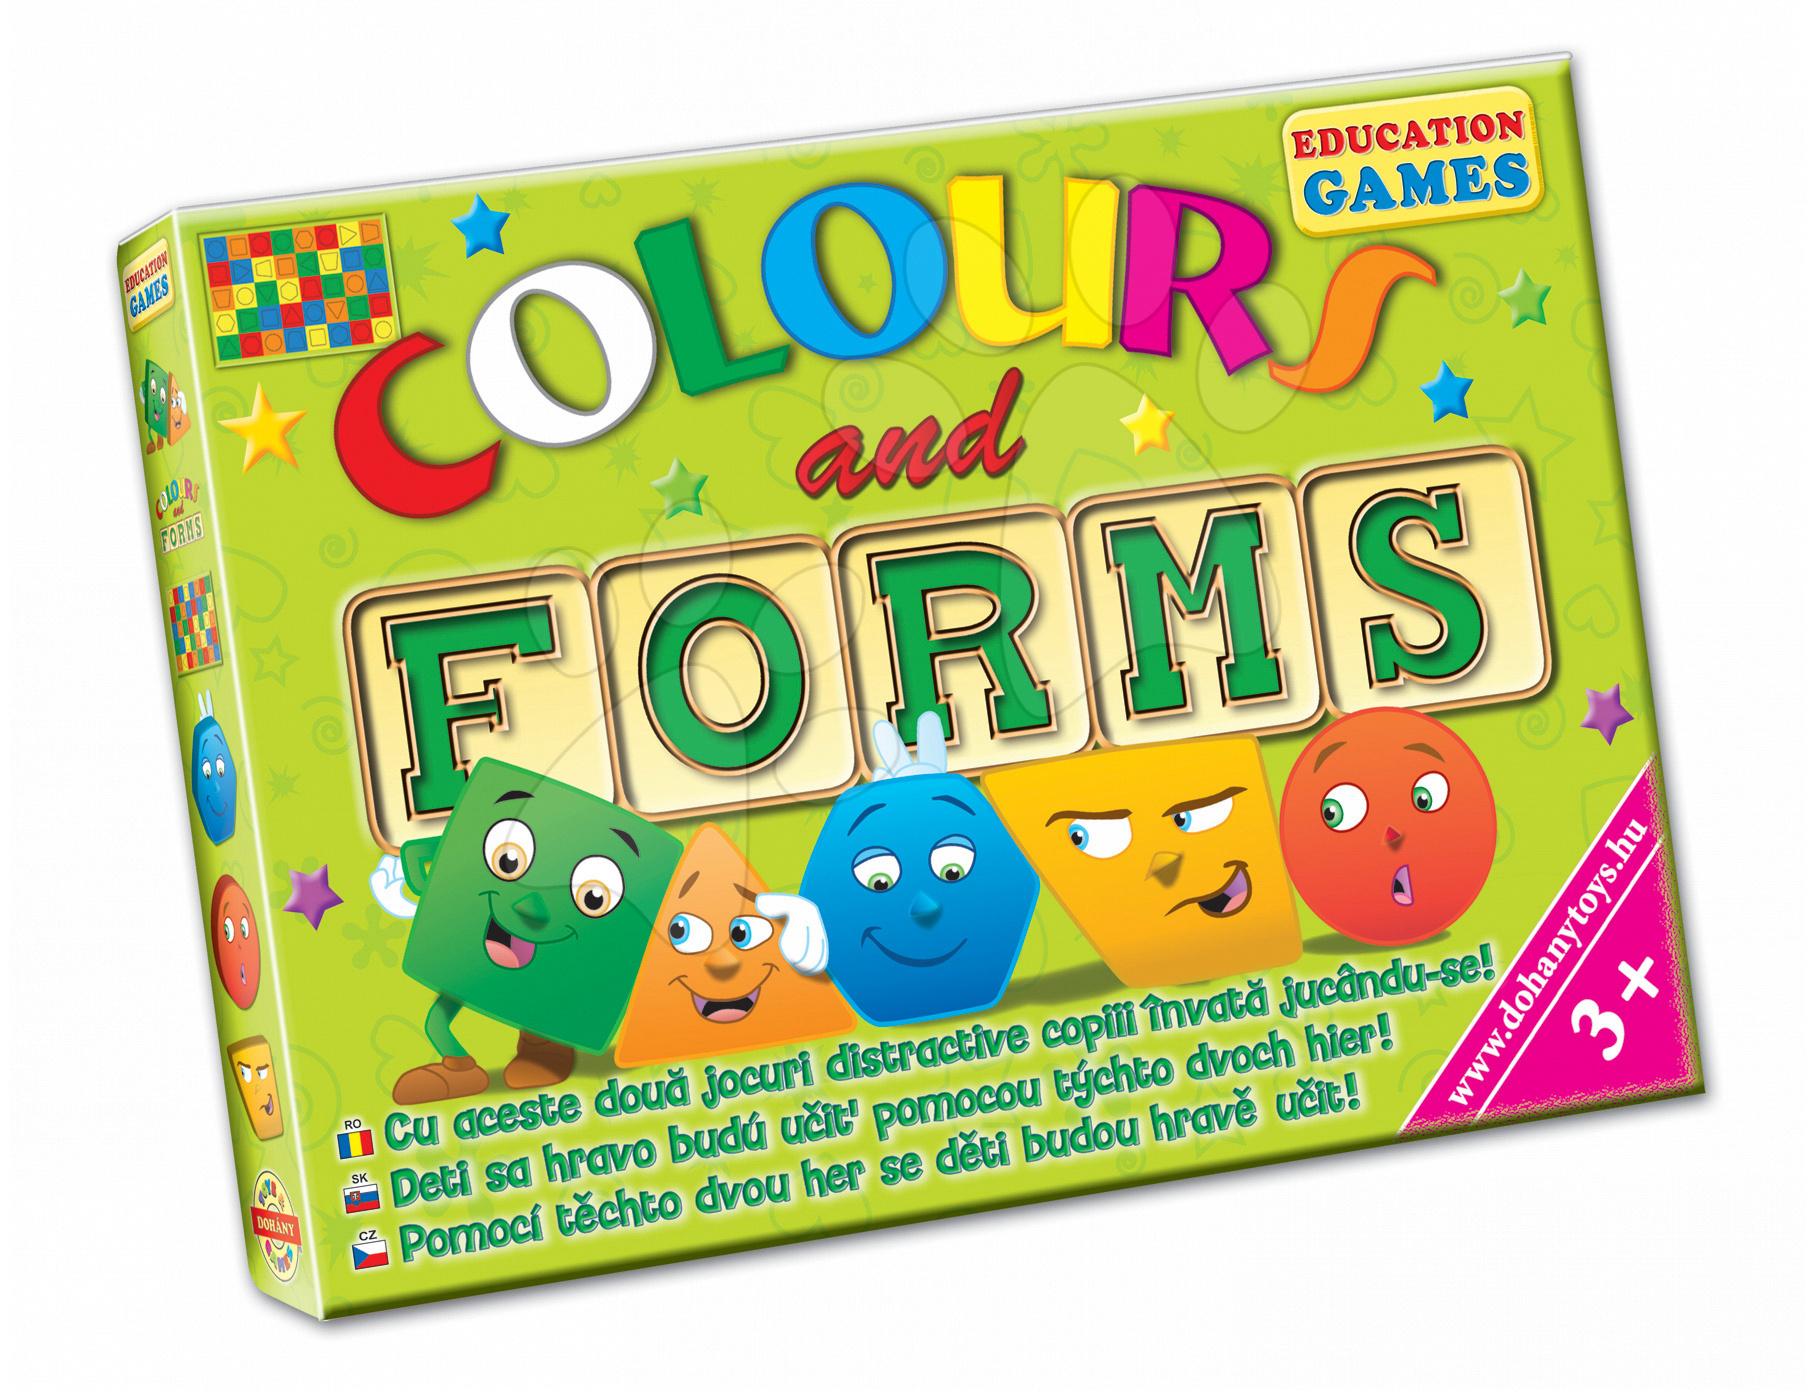 Dohány spoločenská hra pre deti Farby a tvary 619-4